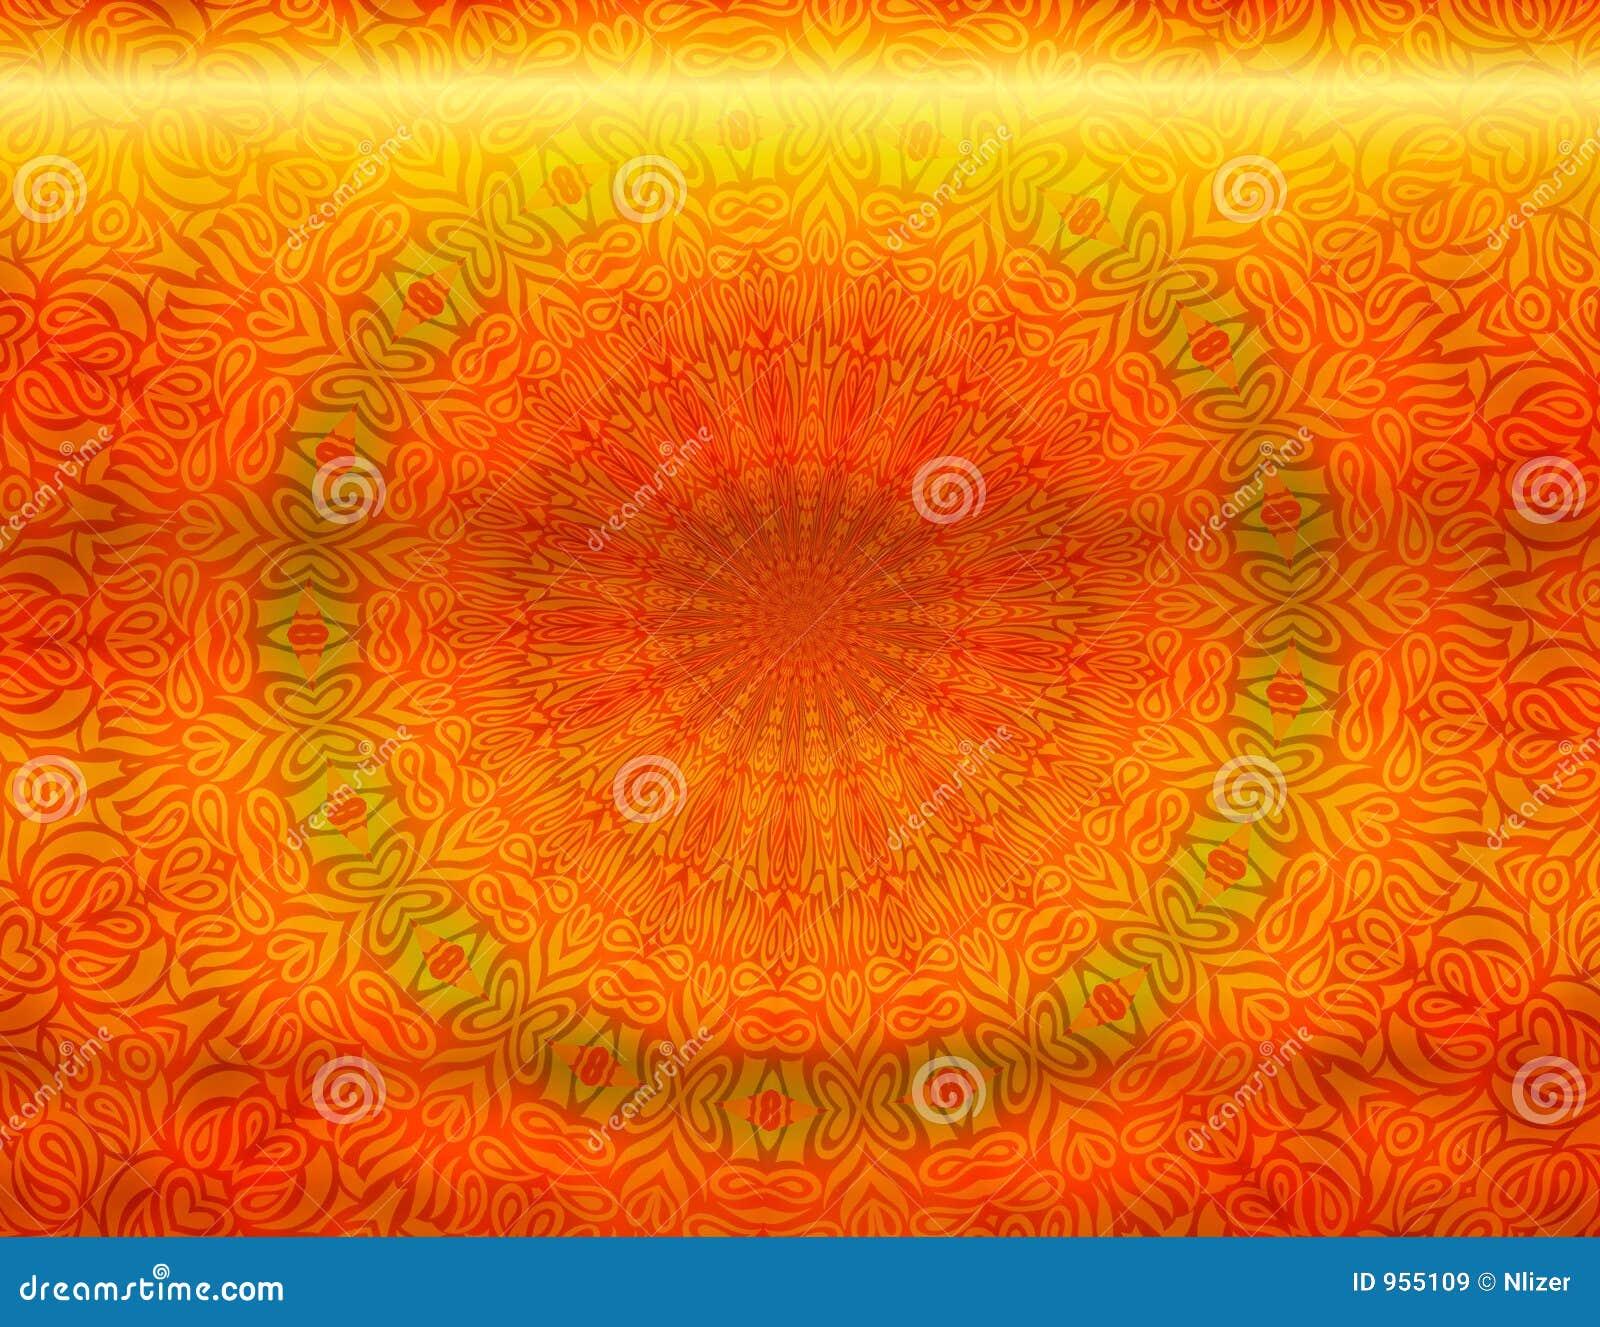 Metallic Batik Background Wallpaper Royalty Free Stock